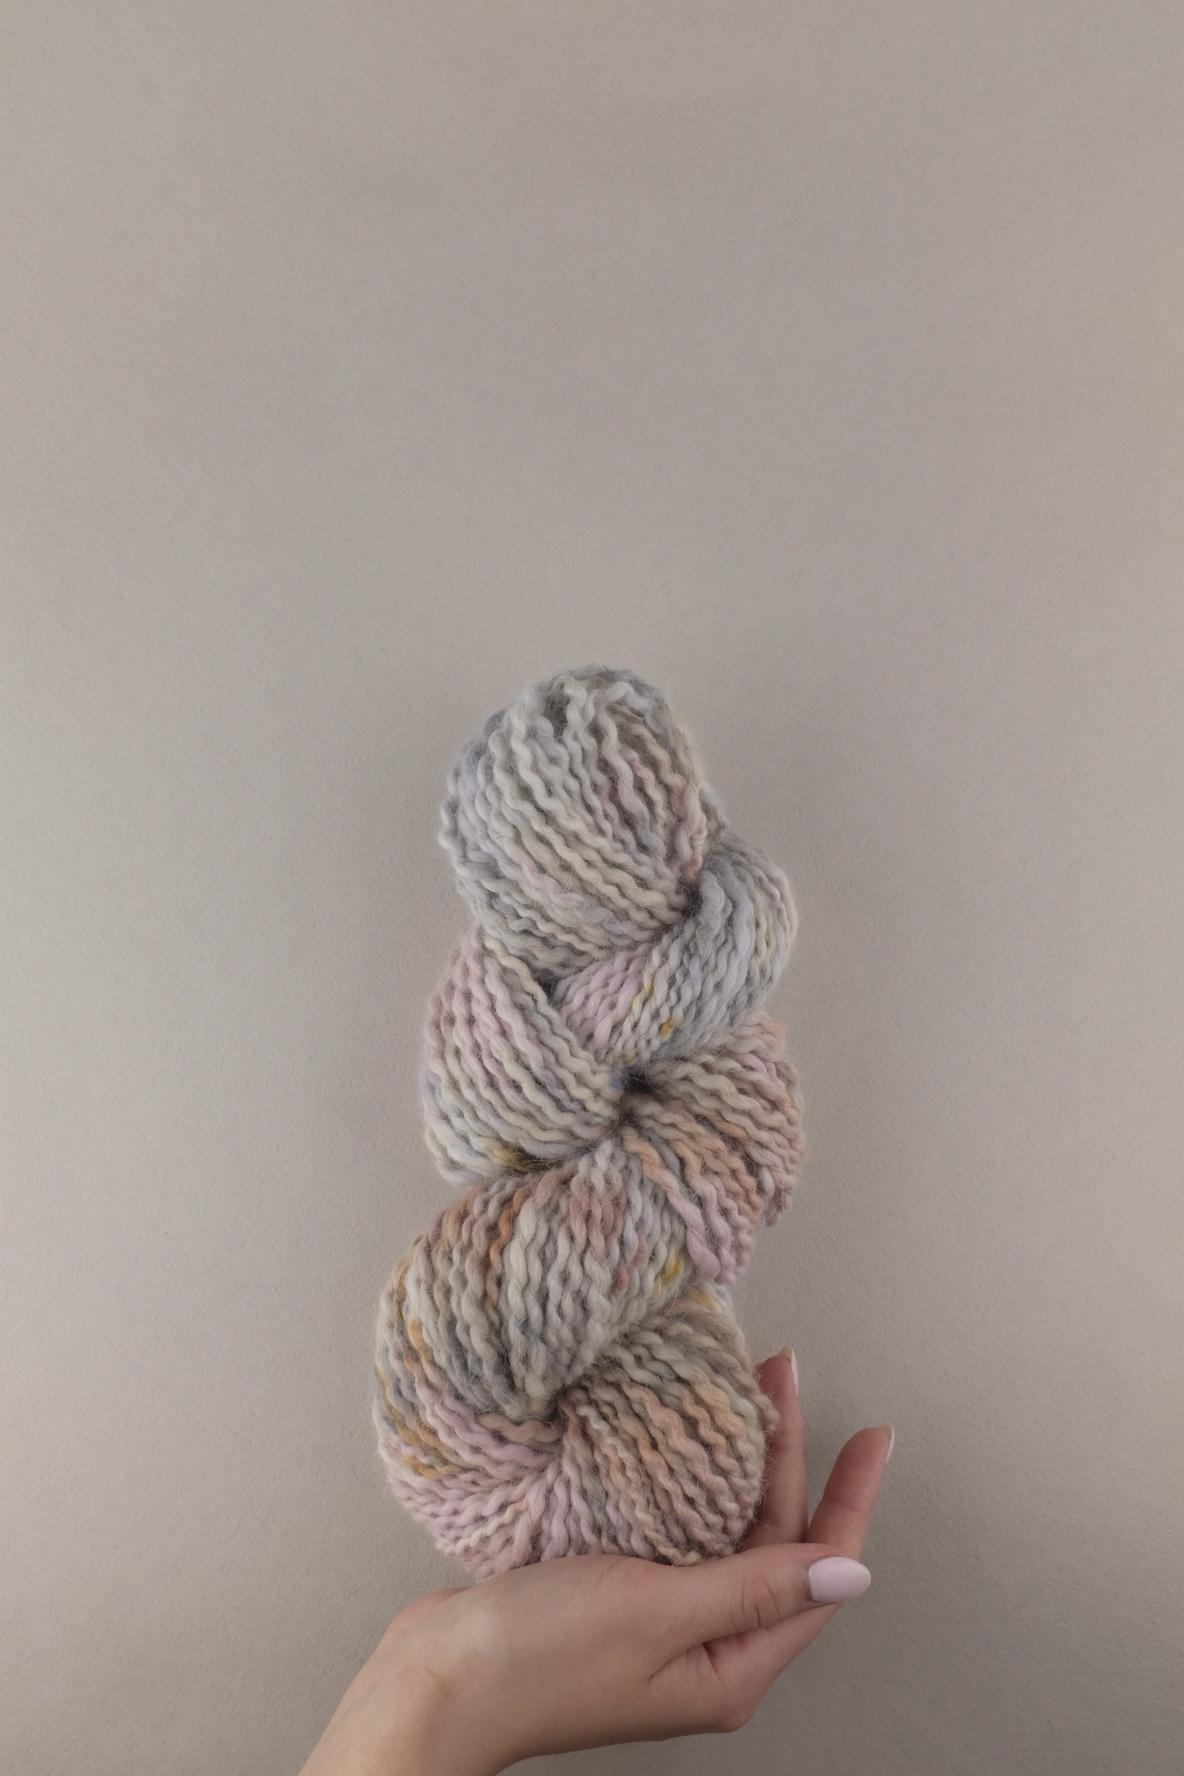 Пряжа из ангоры ручного прядения и секционного окрашивания, цвет серая, розовая меланж